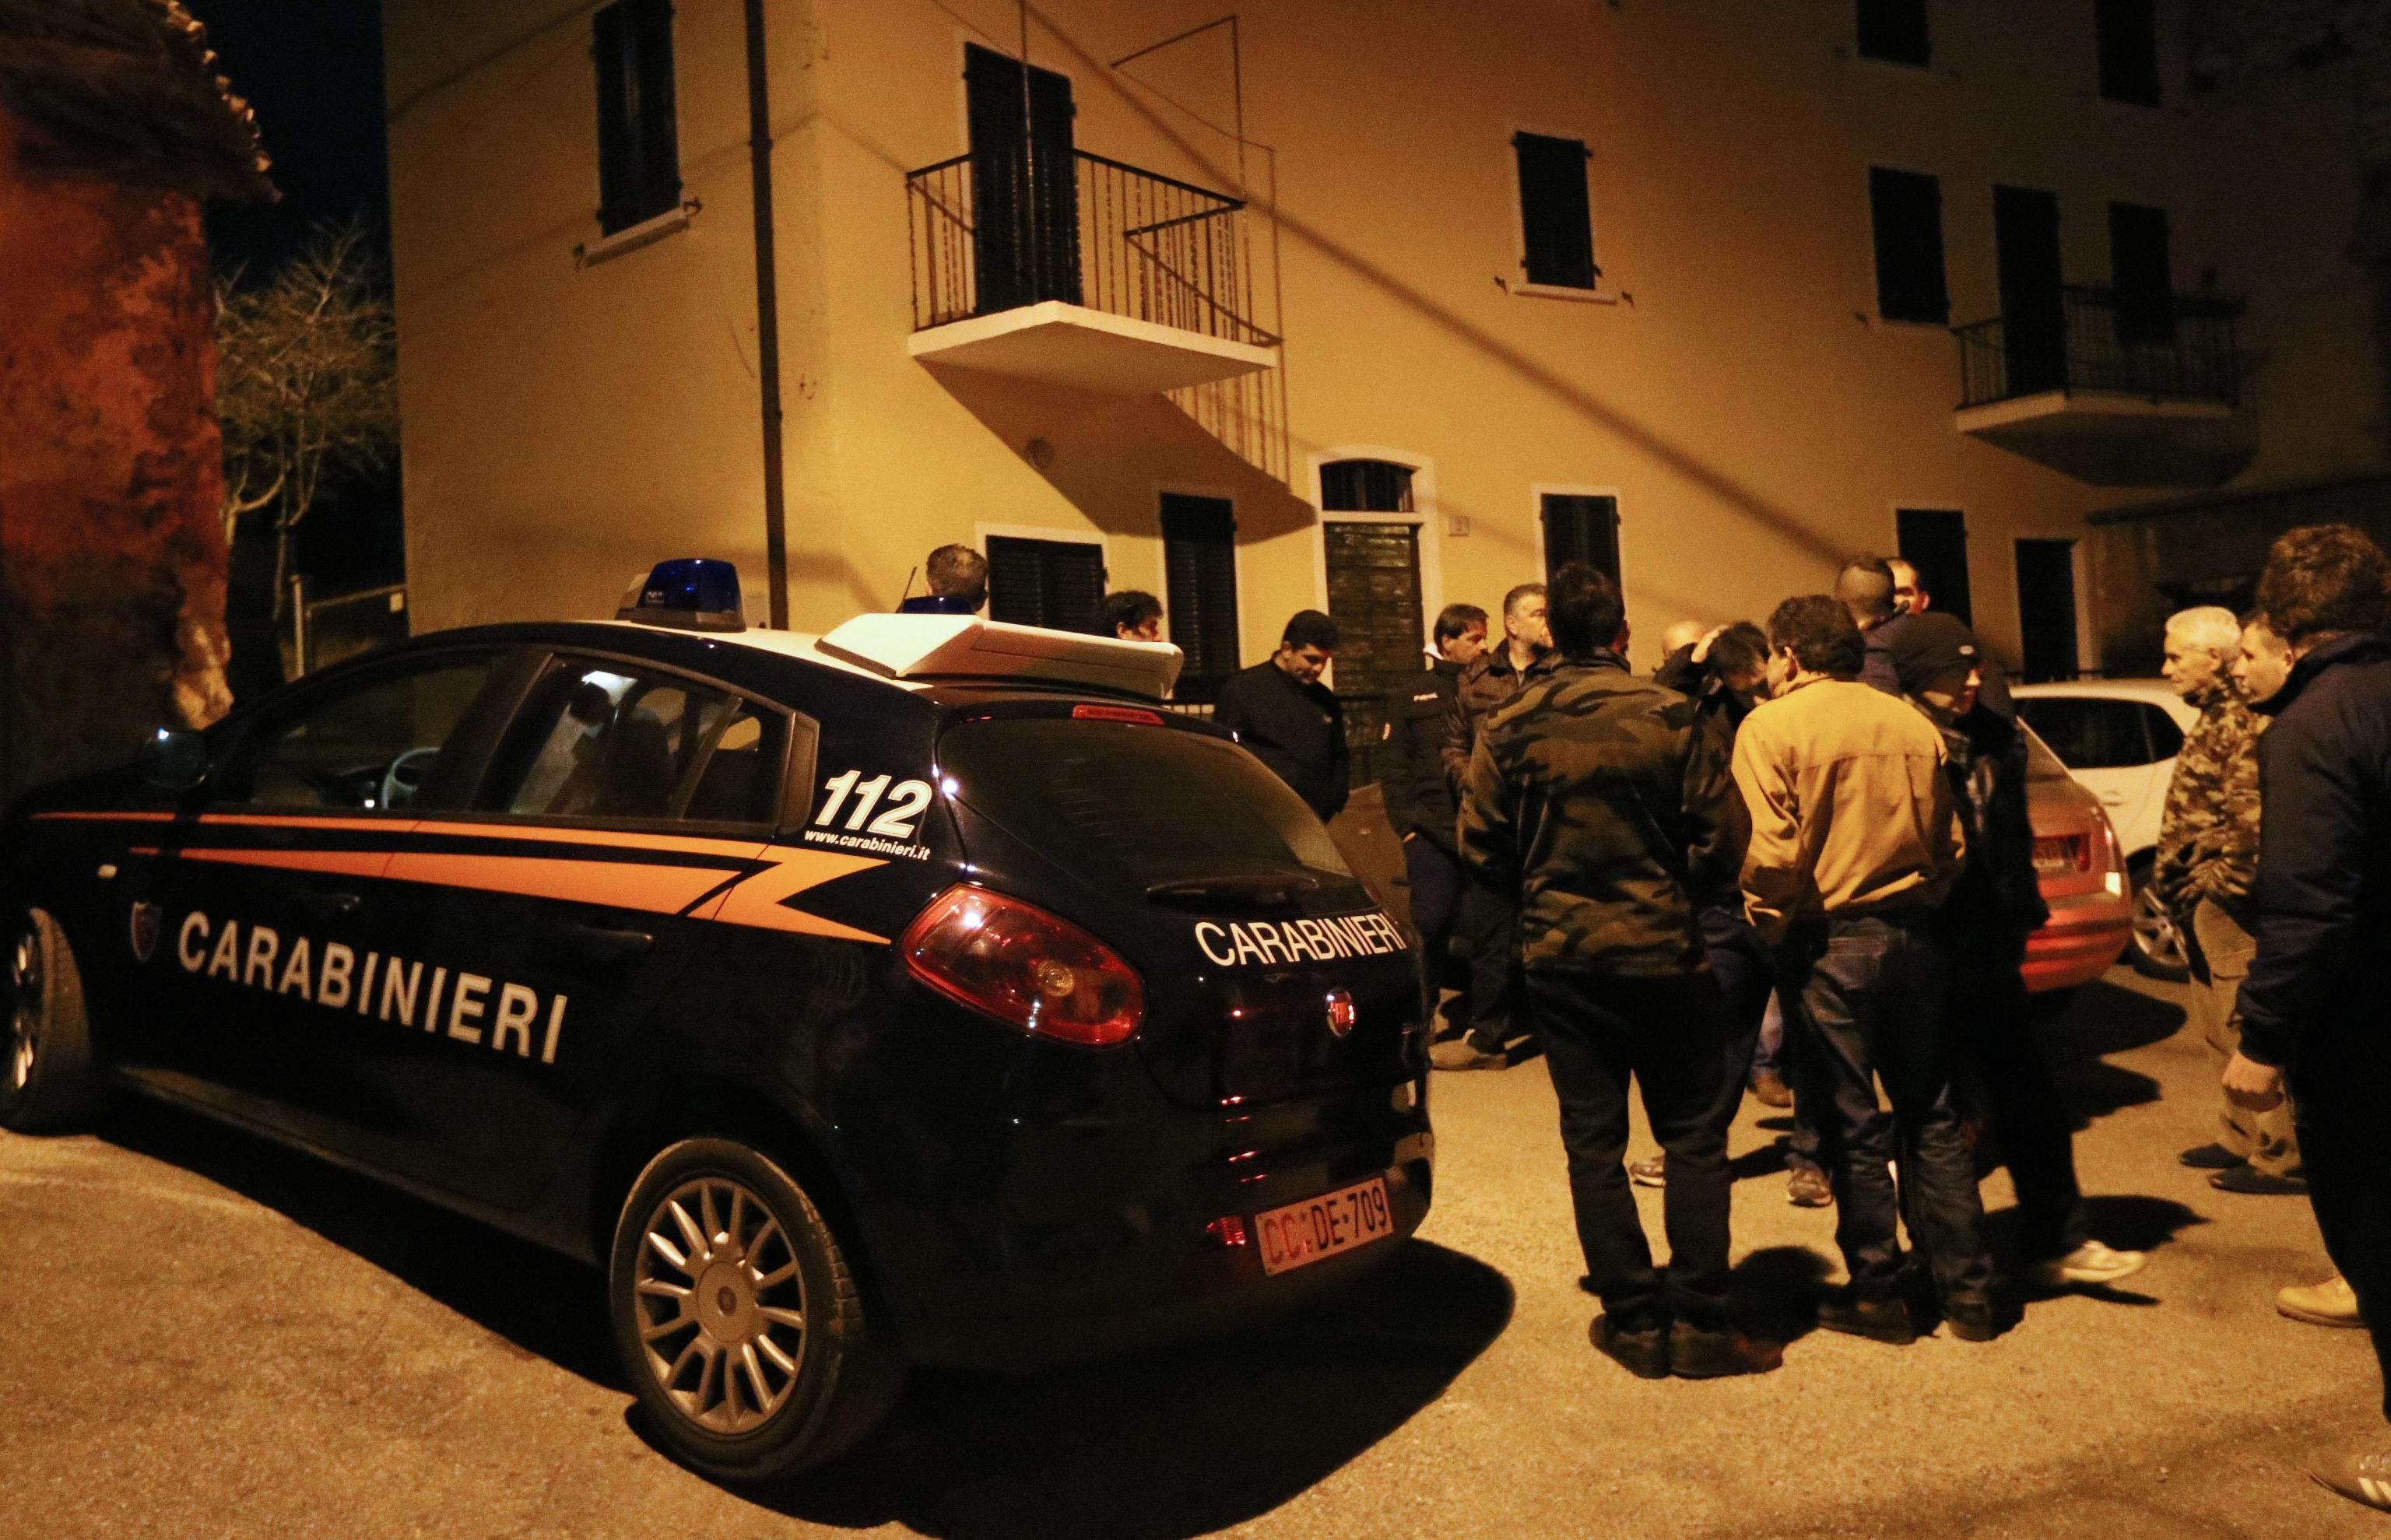 Uccise ladro: chiesta condanna a 16 anni